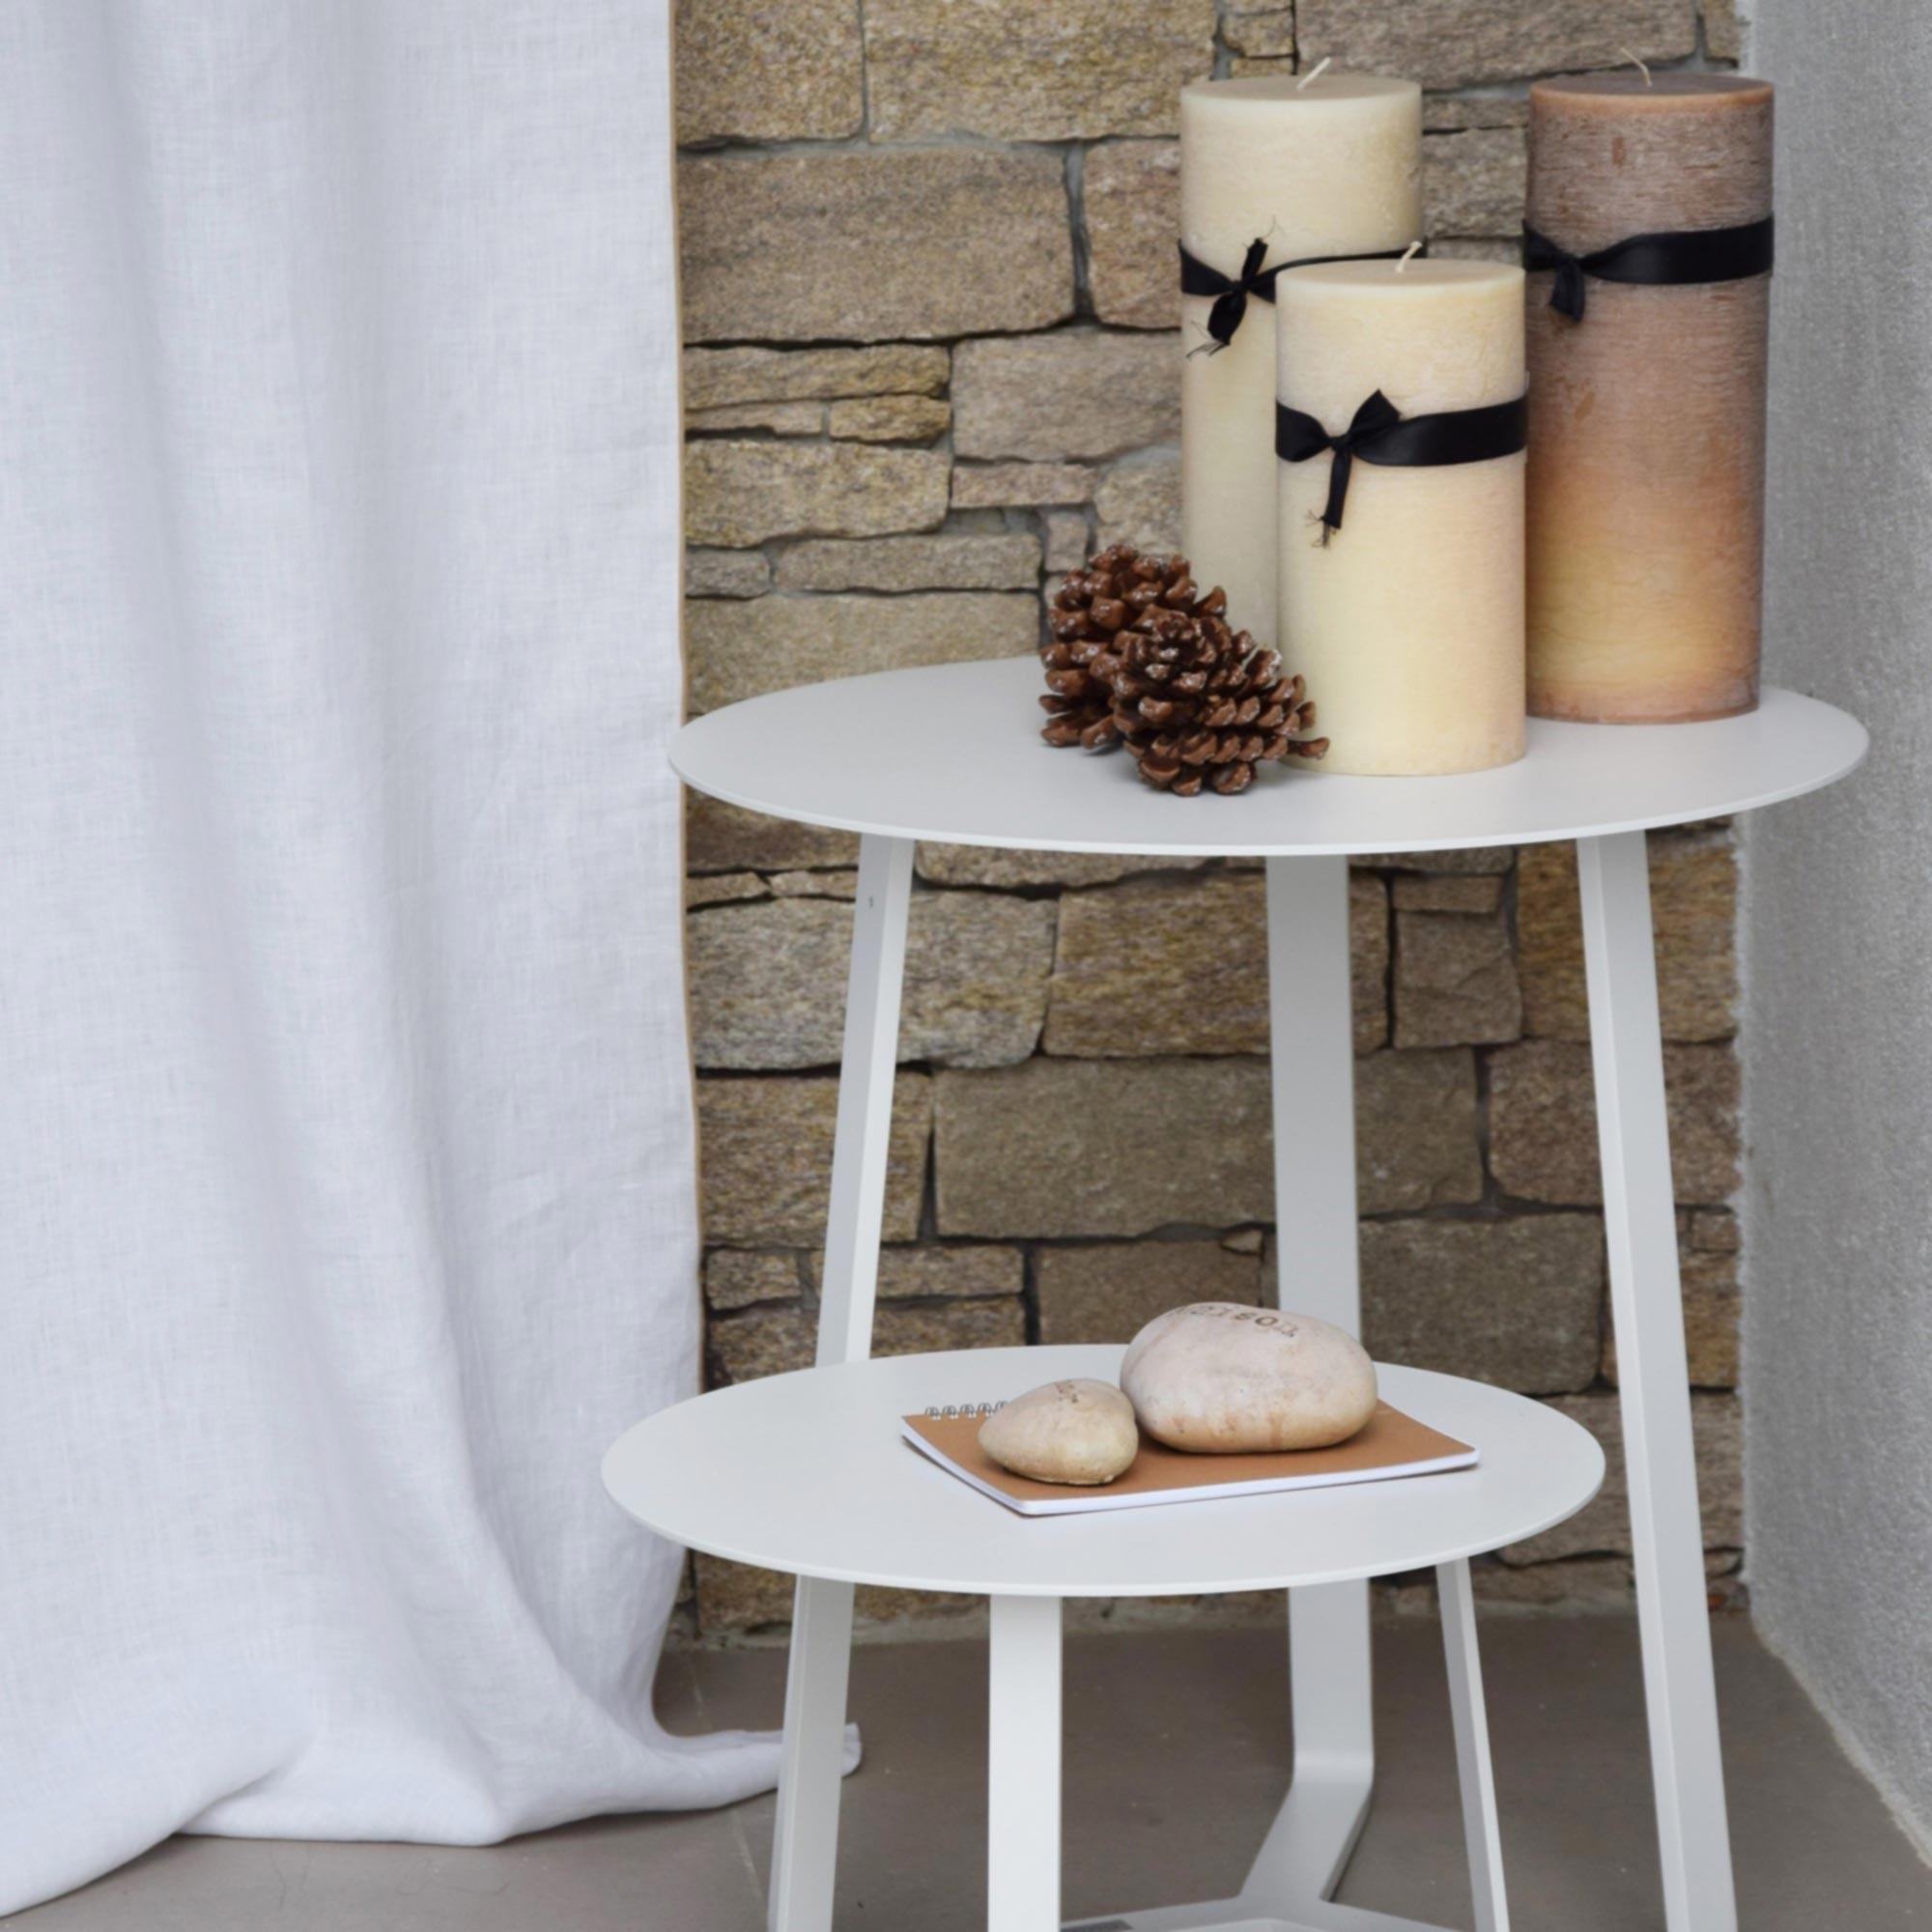 rideau en lin lav blanc bourdon naturel maison d 39 t. Black Bedroom Furniture Sets. Home Design Ideas